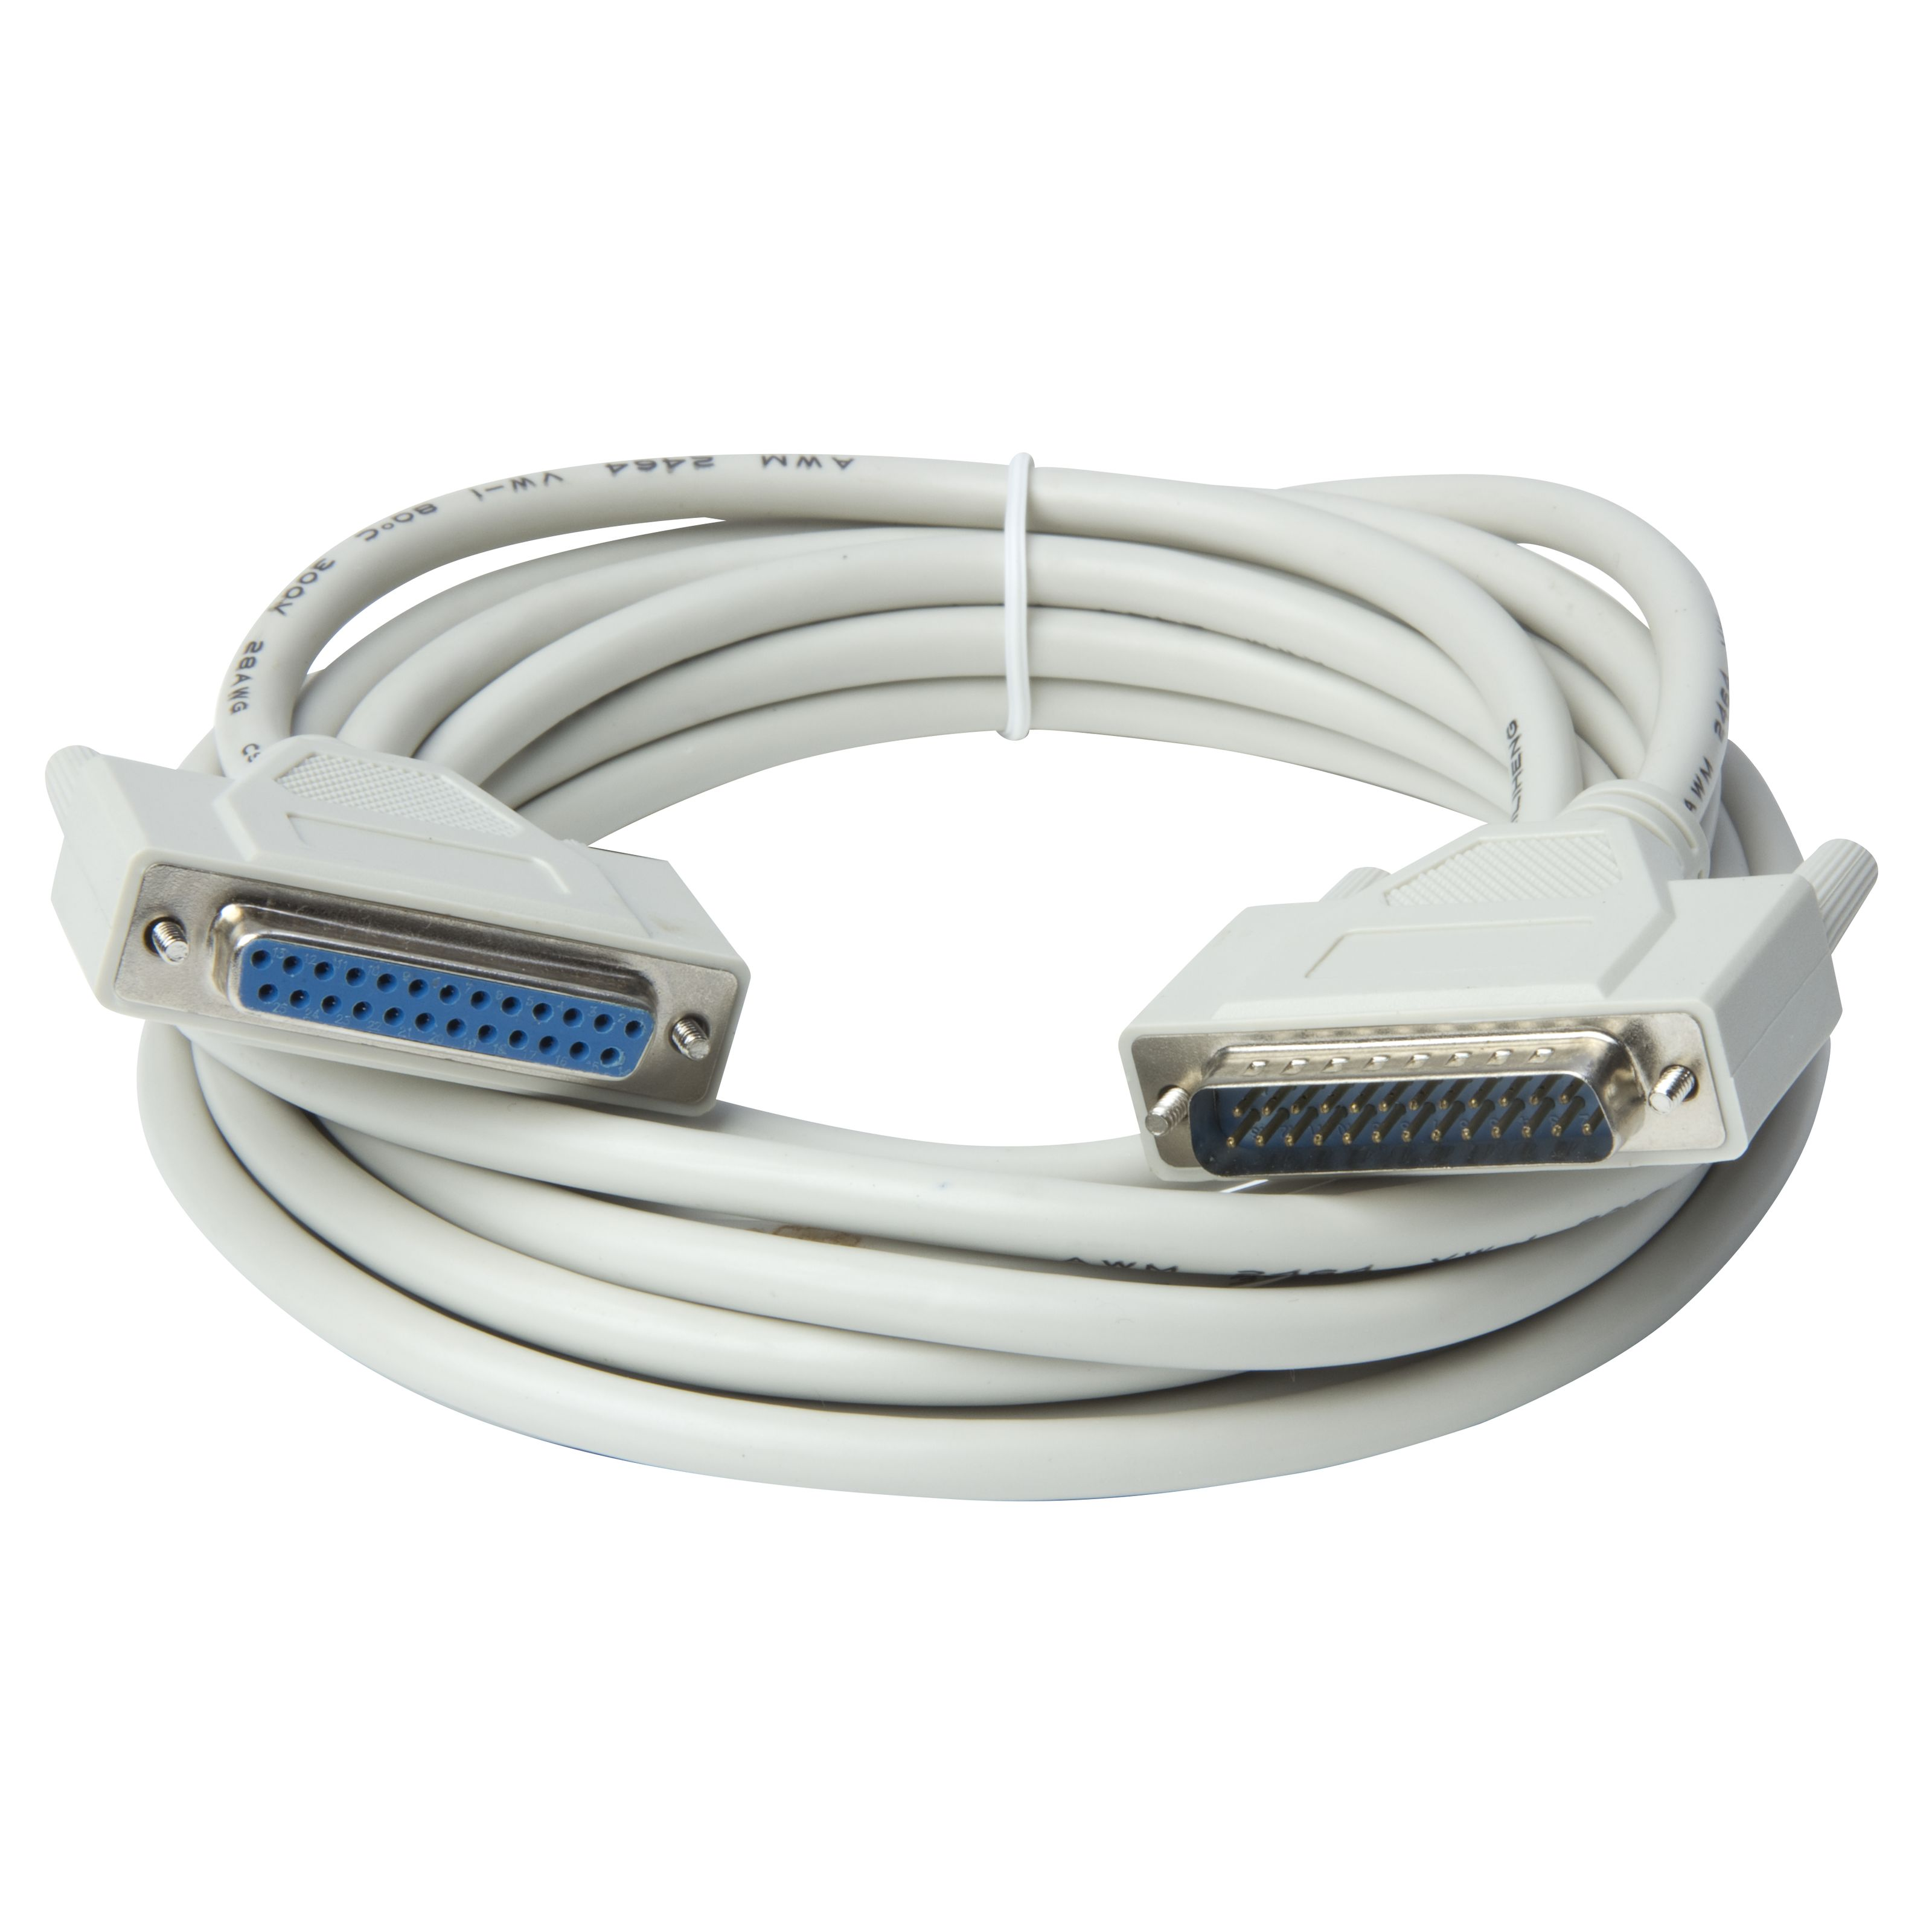 lightmaXX - ILDA Kabel EXT 5m voll belegt ILDA5m